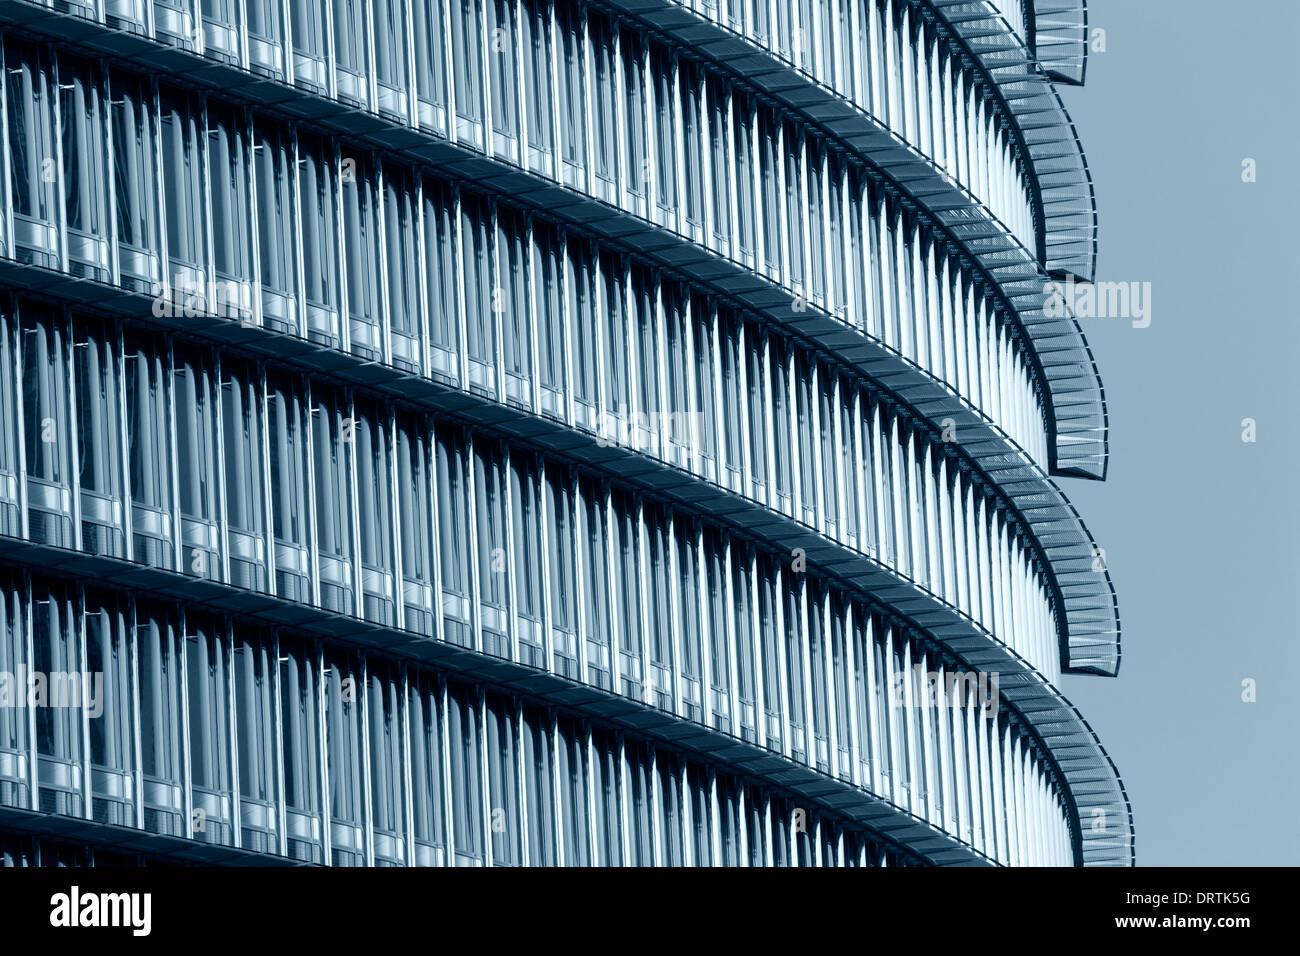 La arquitectura moderna. Burj Khalifa, Dubai. Foto de stock